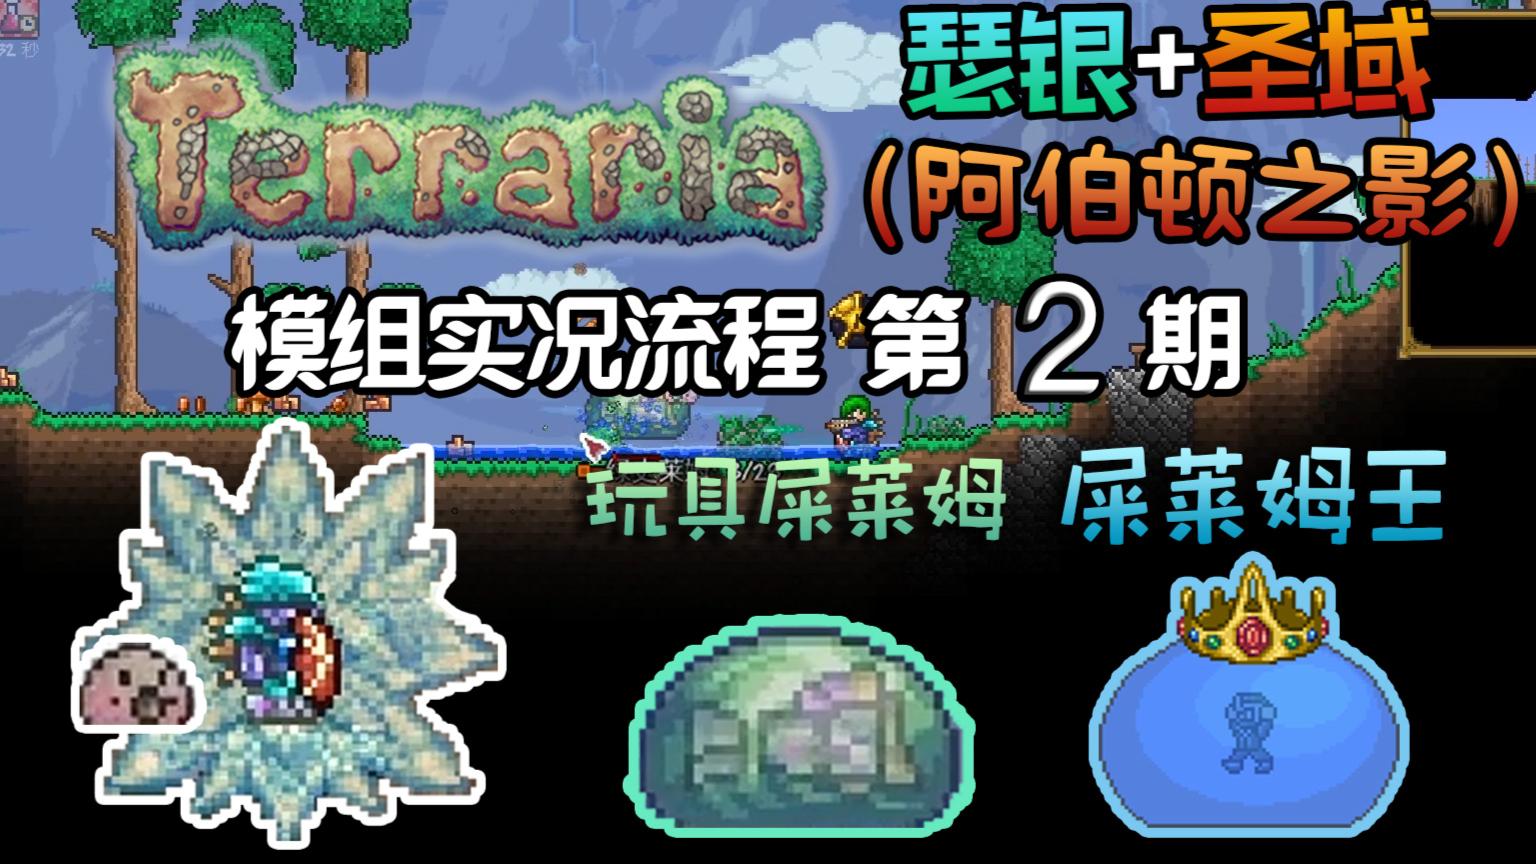 【丁菊长】击败史莱姆双兄弟!【泰拉瑞亚 terraria】瑟银+圣域模组实况第2期